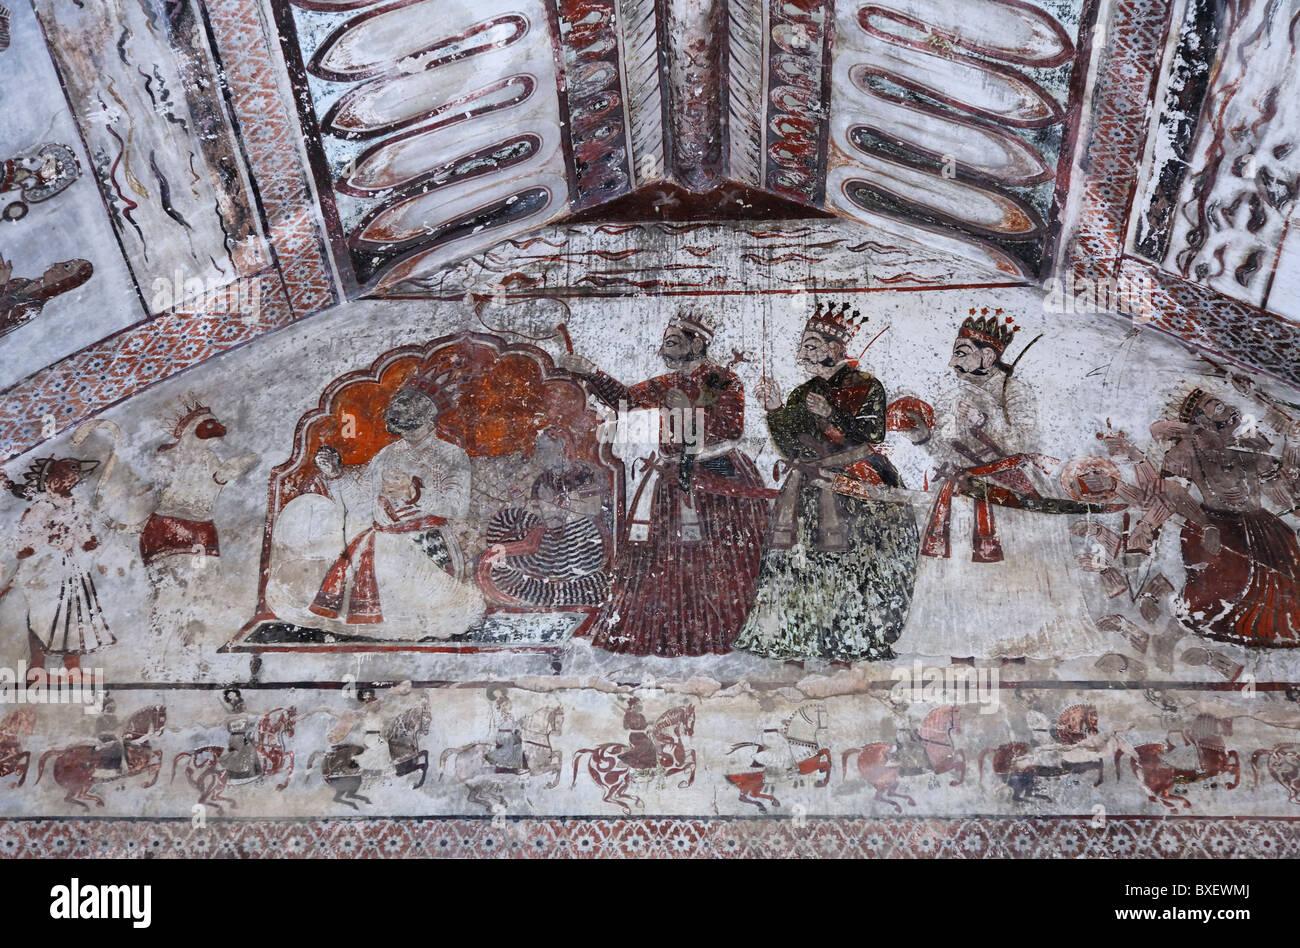 India - Madhya Pradesh - Orchha - wall paintings in the Raj Mahal - Stock Image